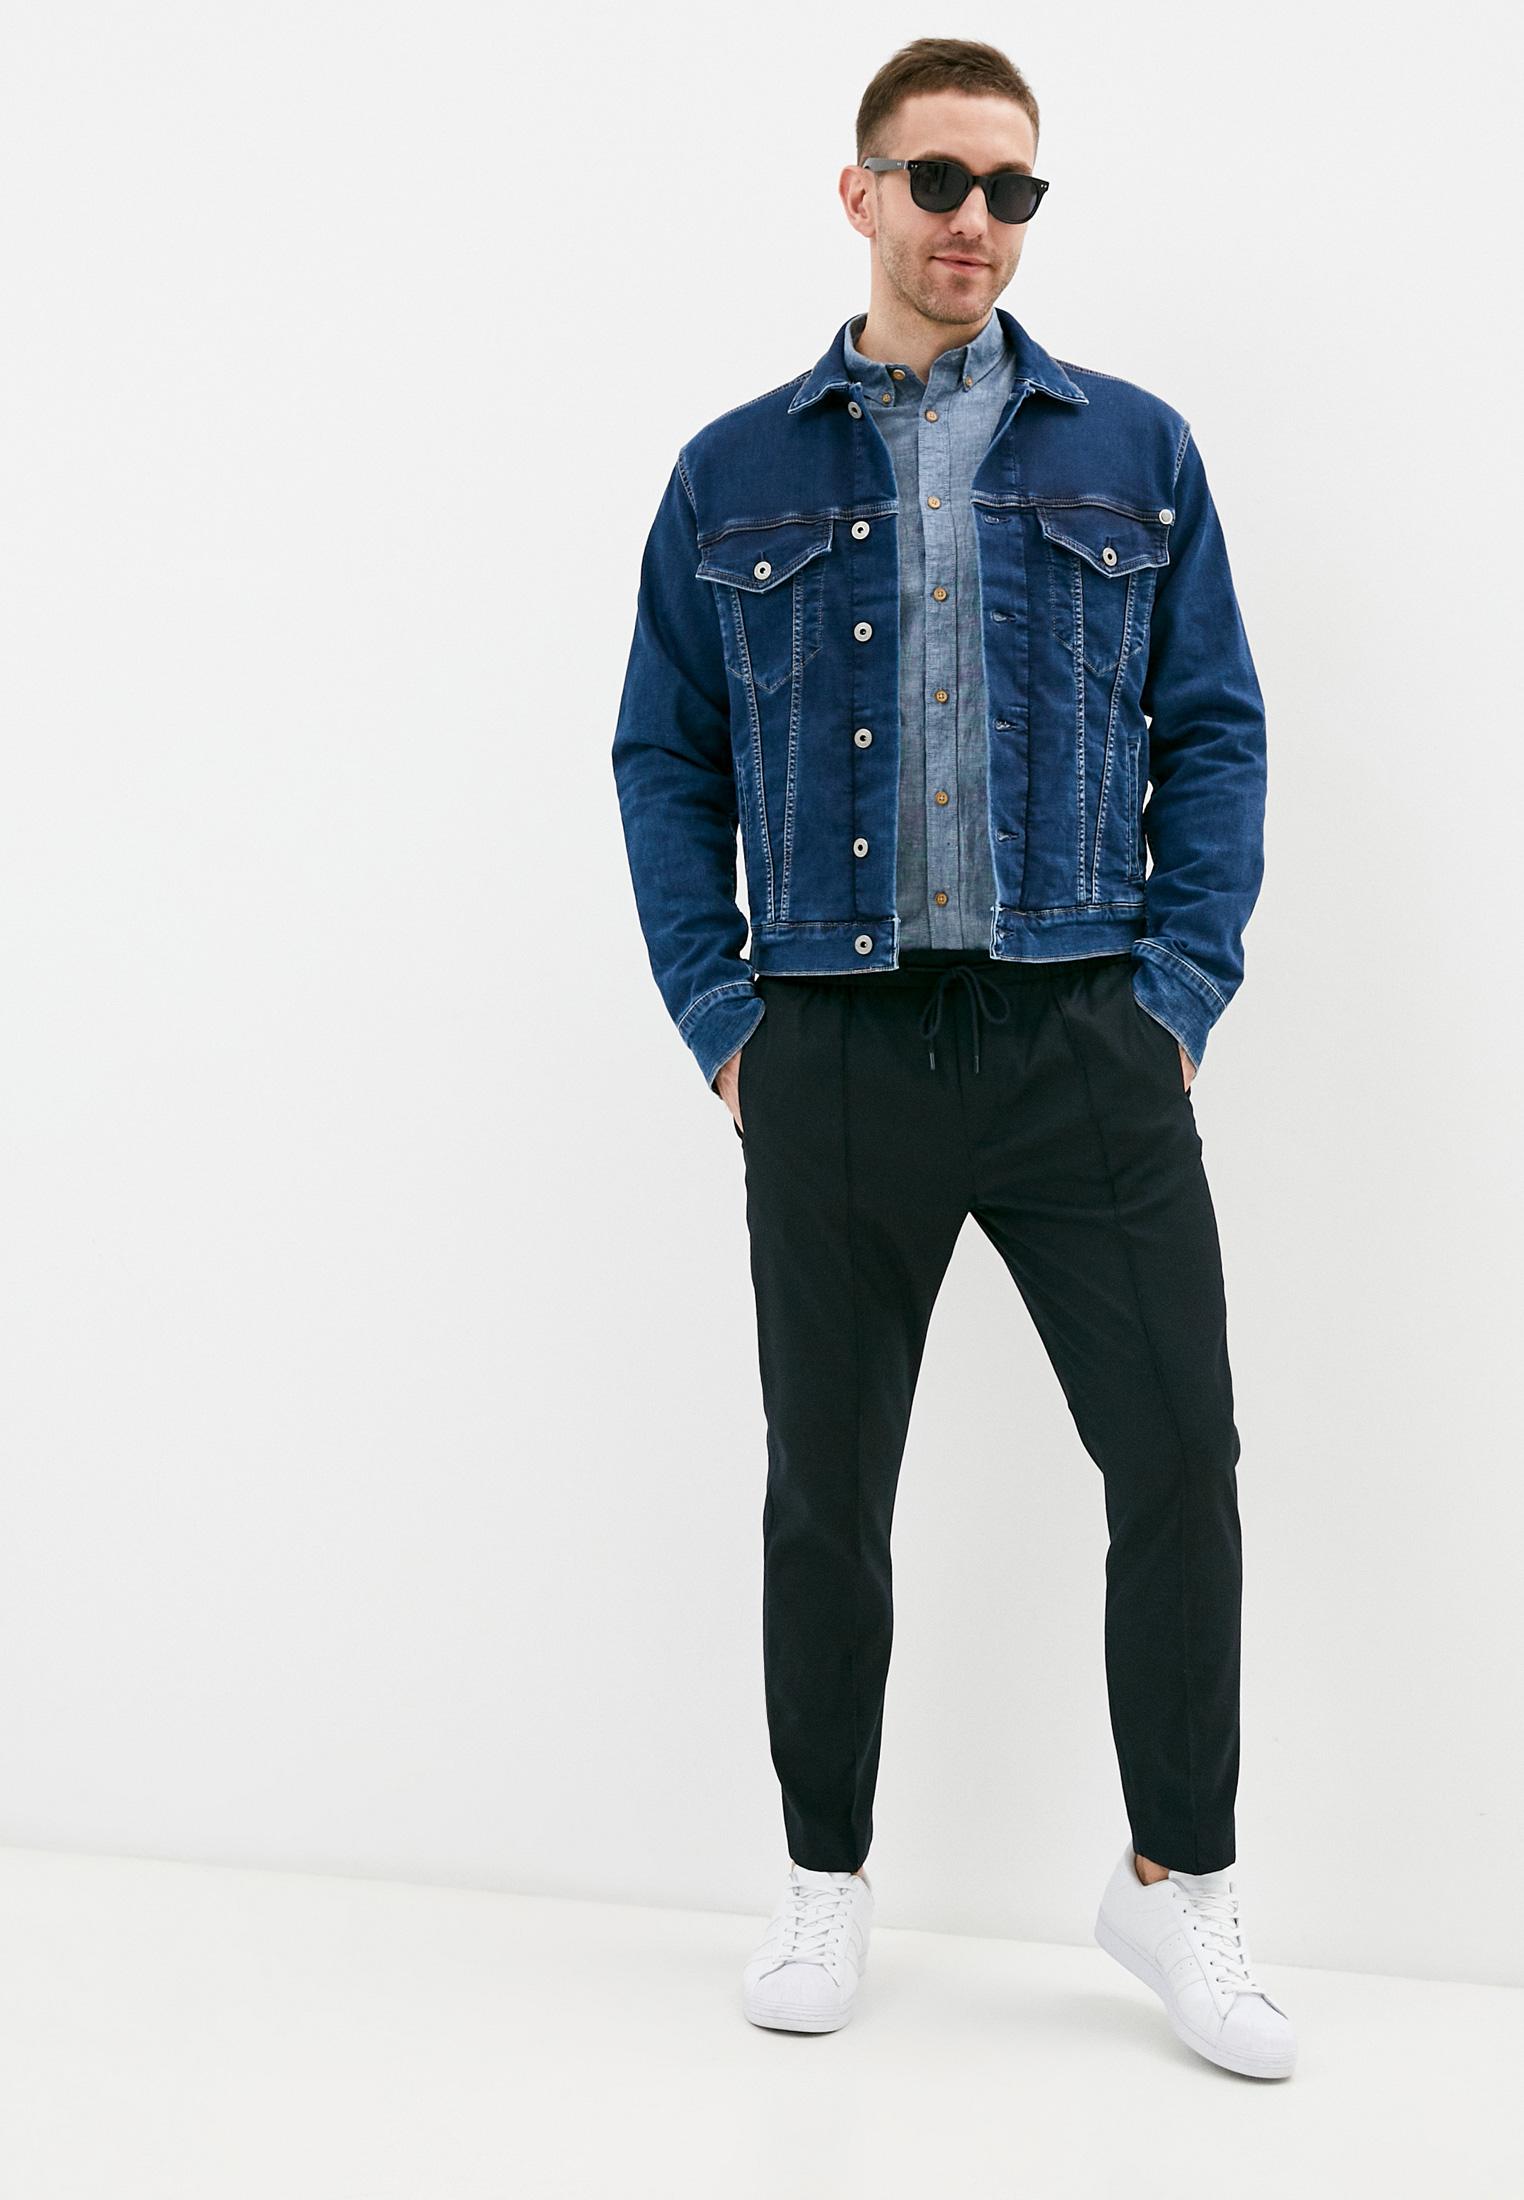 Джинсовая куртка Pepe Jeans (Пепе Джинс) PM400908HG4: изображение 2